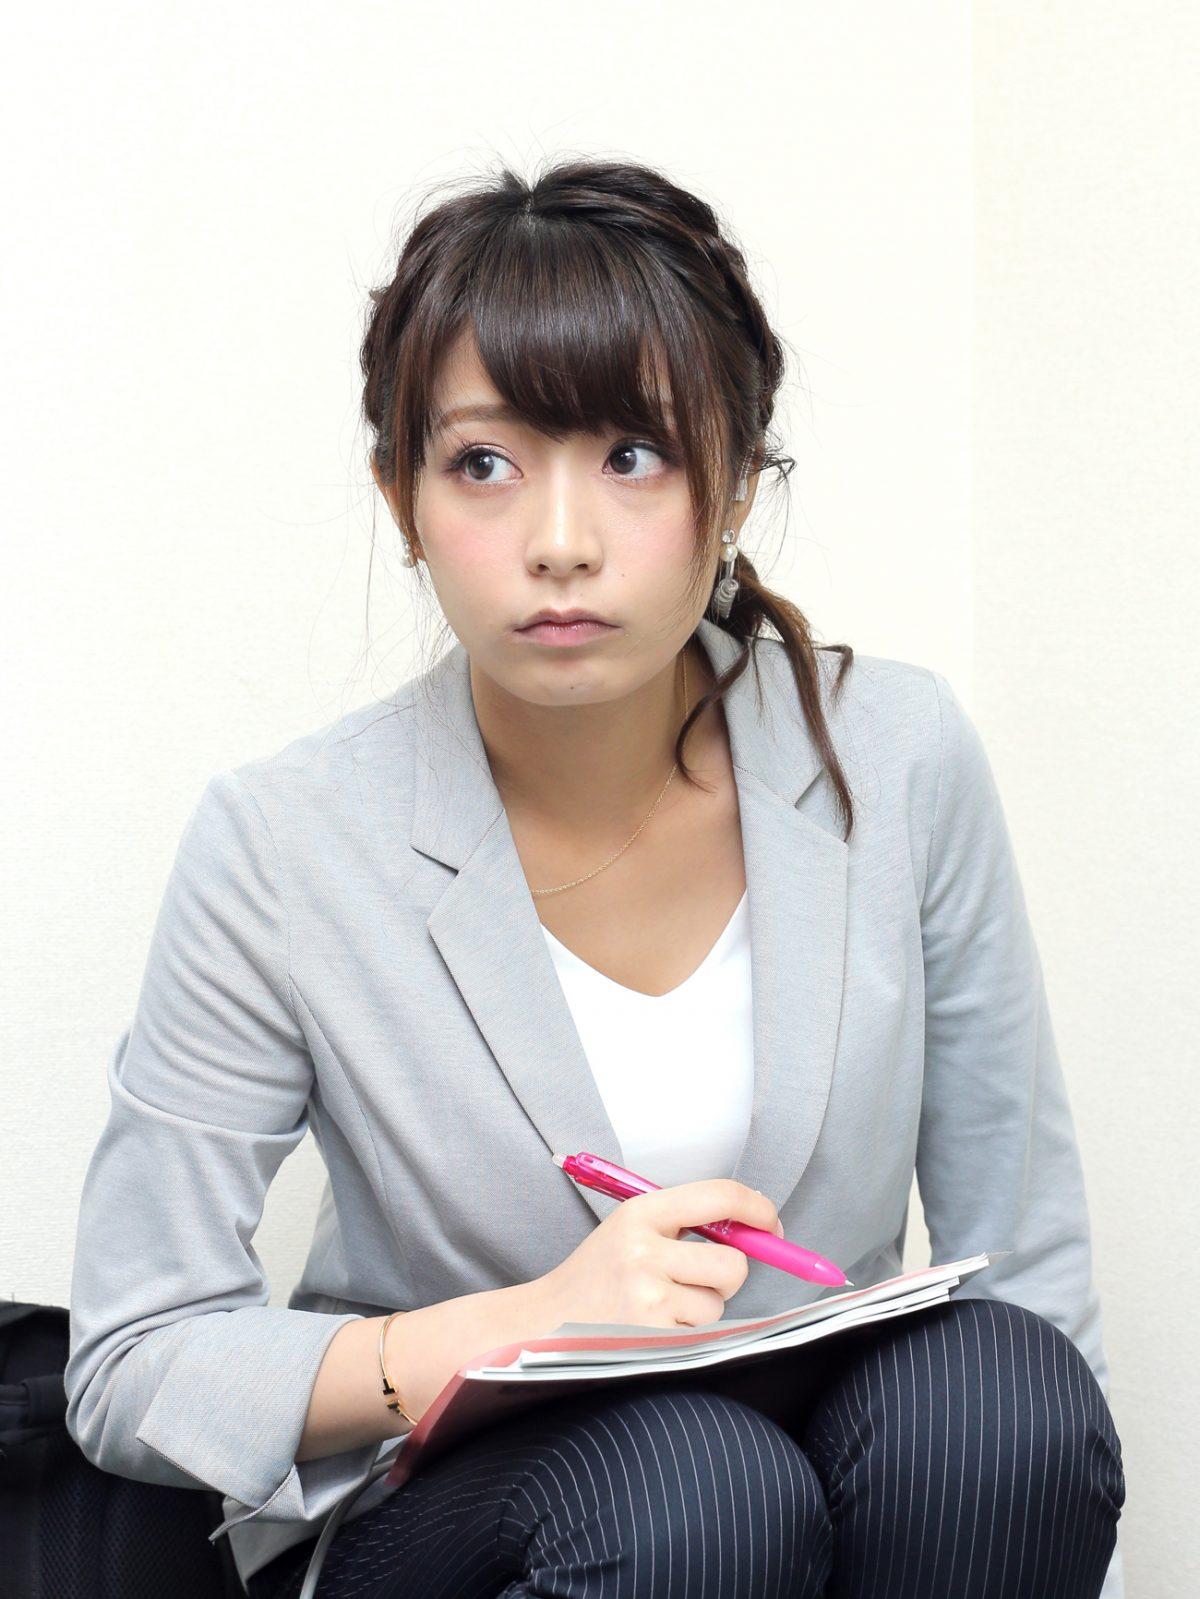 【女子アナ】宇垣美里さん「高校生の頃、痴漢されまくりでした。自分の顔は好きではないが、チヤホヤされる顔だと生きてきて分かった」